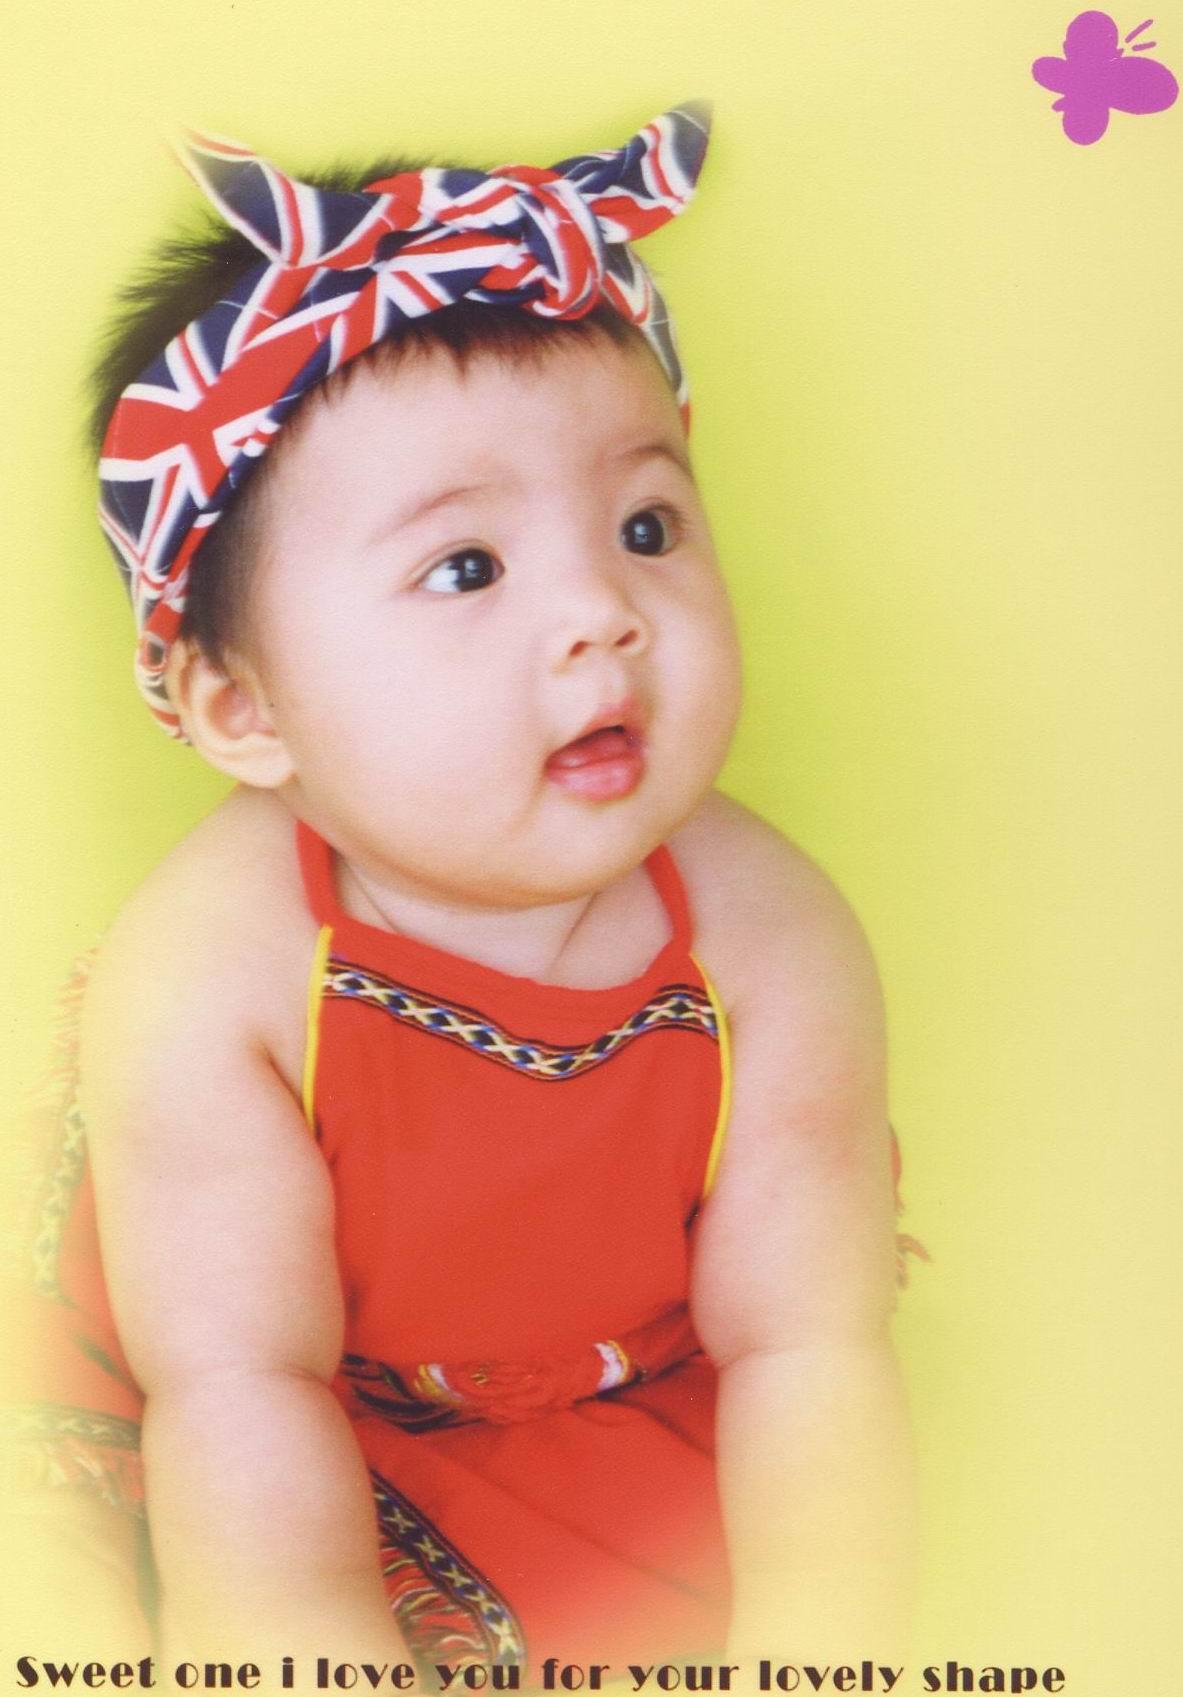 大眼睛宝宝艺术照图片大全